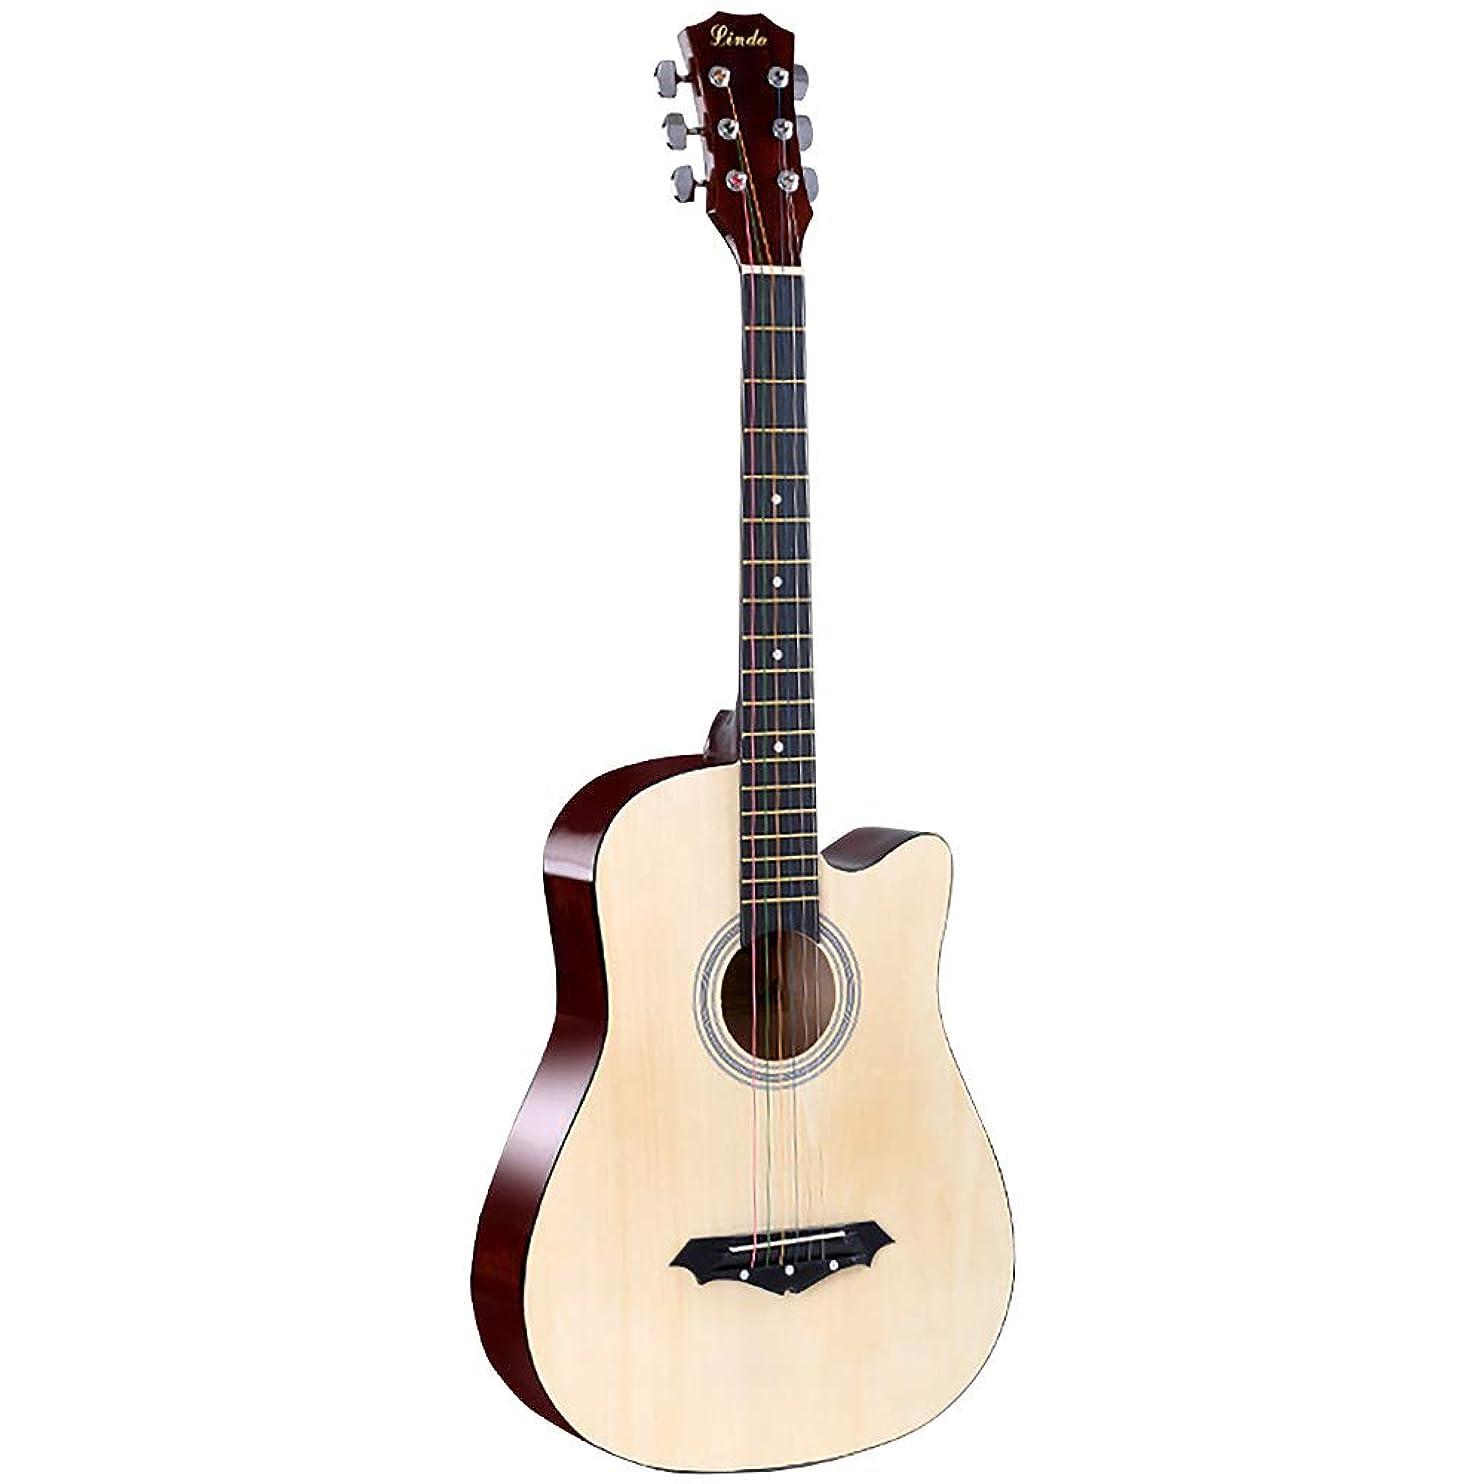 機関車シンジケートハイブリッドJizhilin ミニ アコースティックギター 入門用 初心者 フォークギター クラシックギター アコギ コンパクトギター トラベルギター プレゼント (ナチュラル)